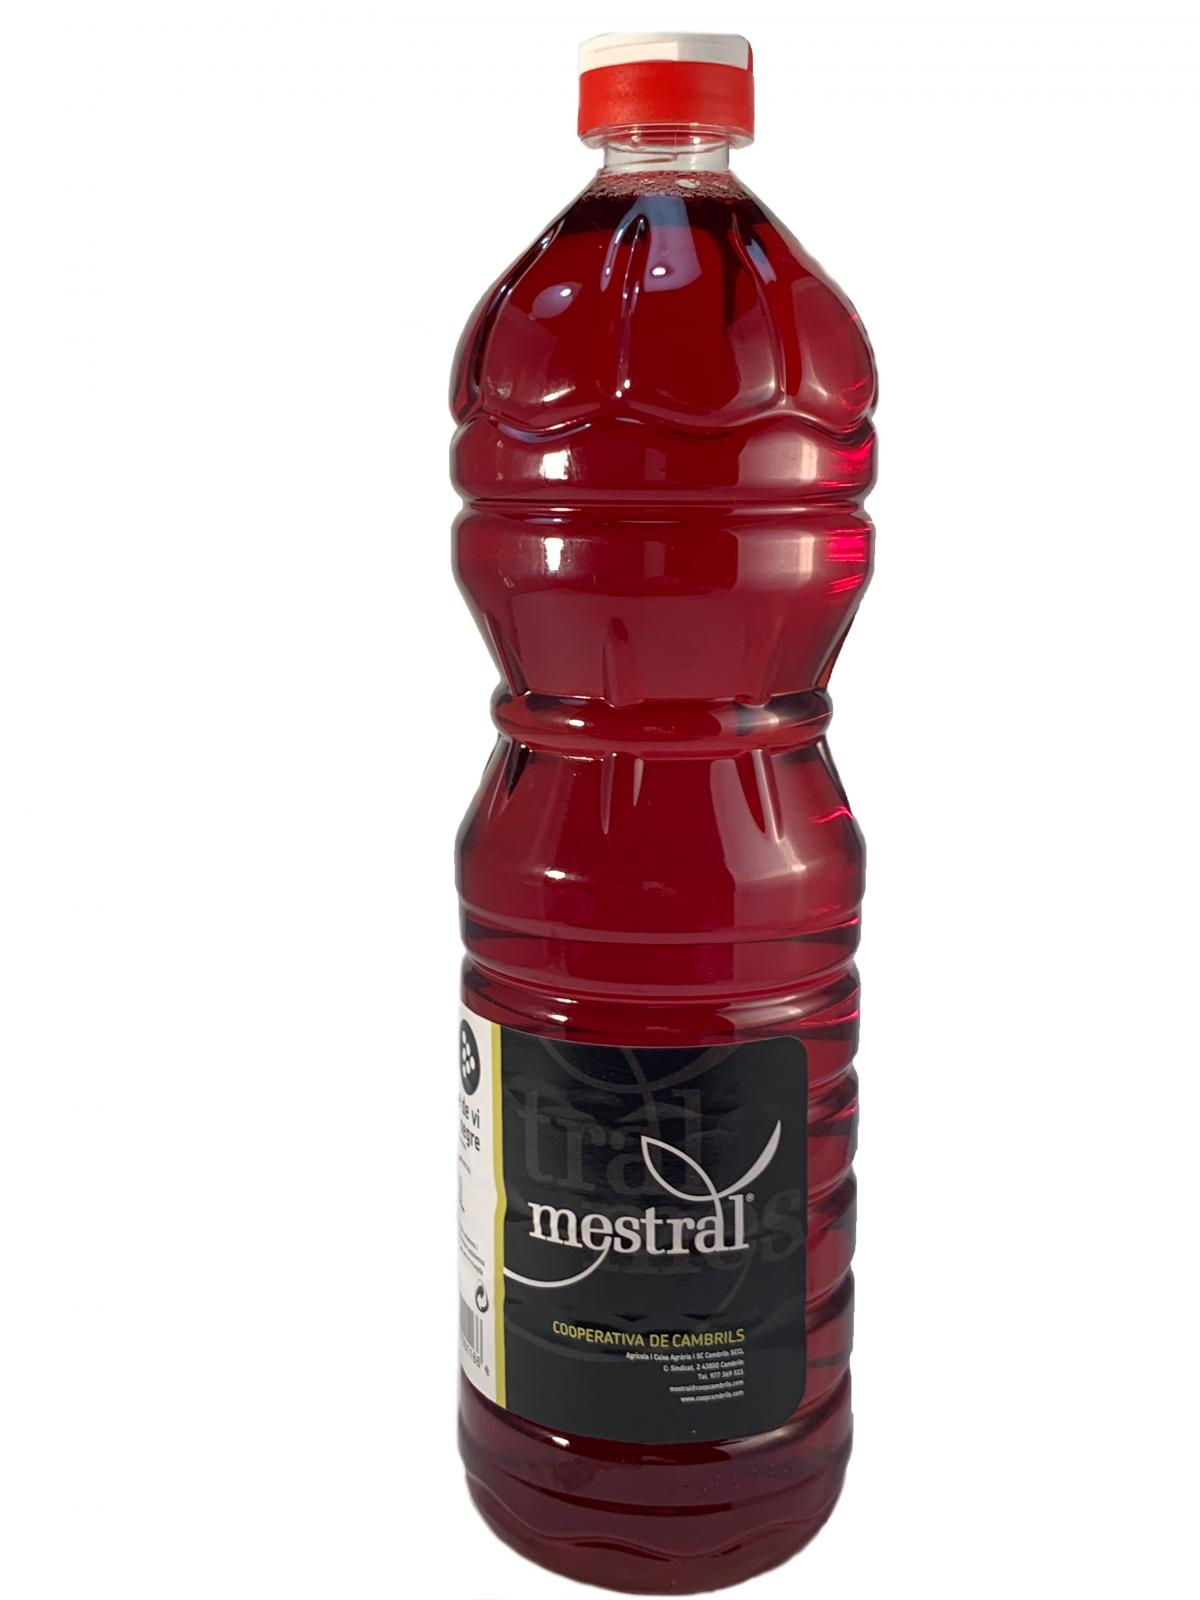 Vinagres - Vinagre Negre Mestral 1 Litre - Mestral Cambrils